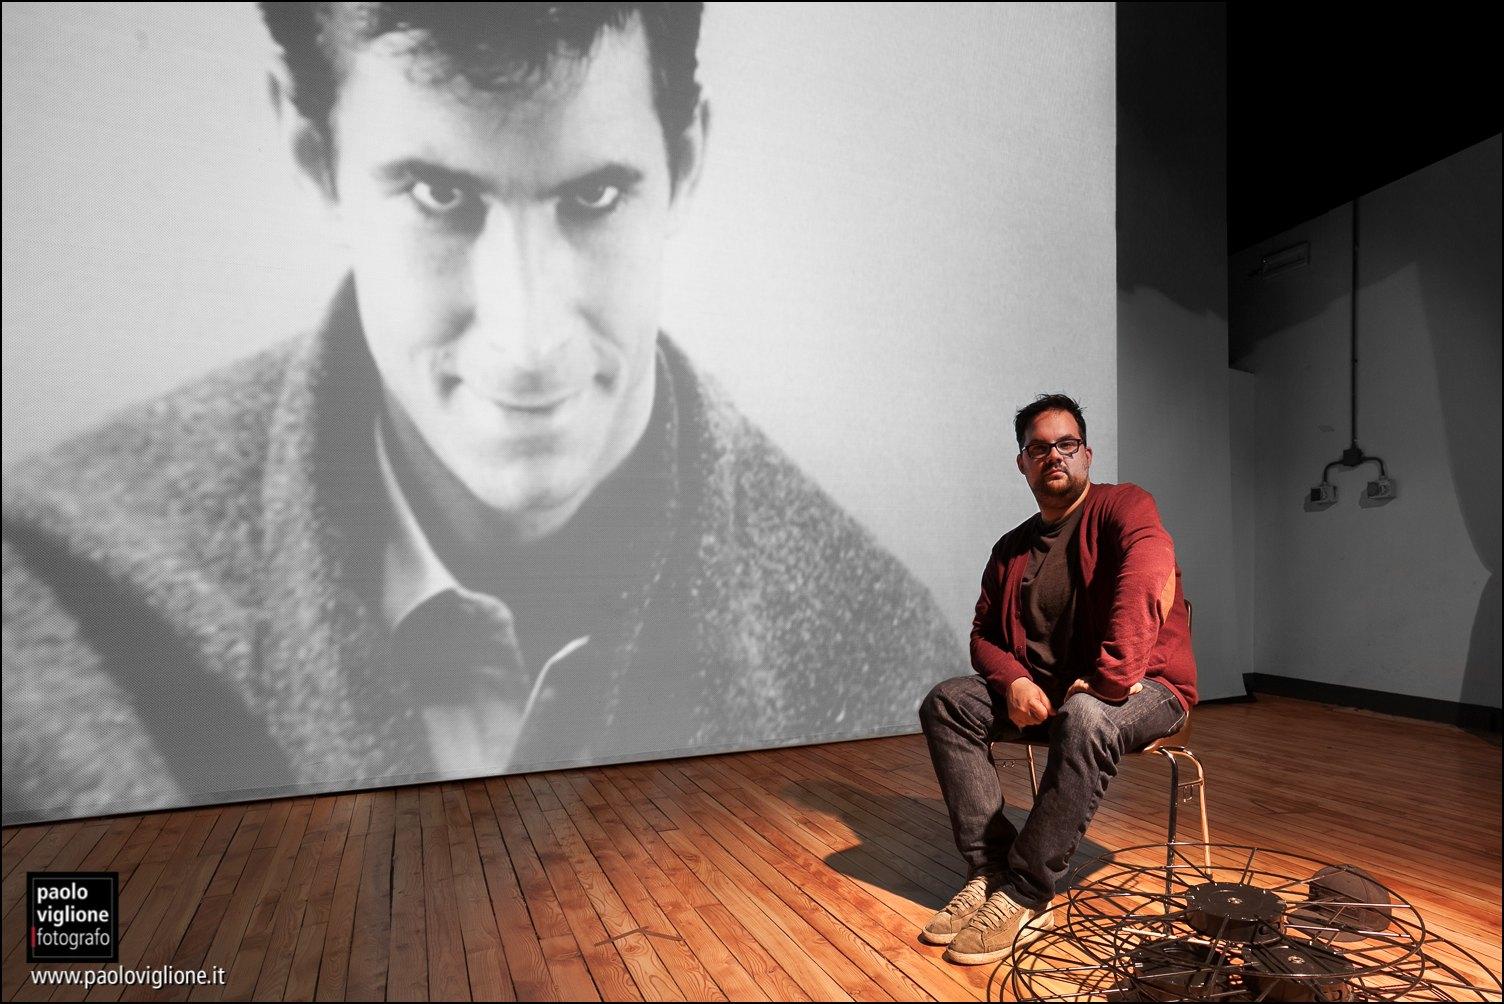 Amedeo Cilenti, gestore cinema Iris, Dronero